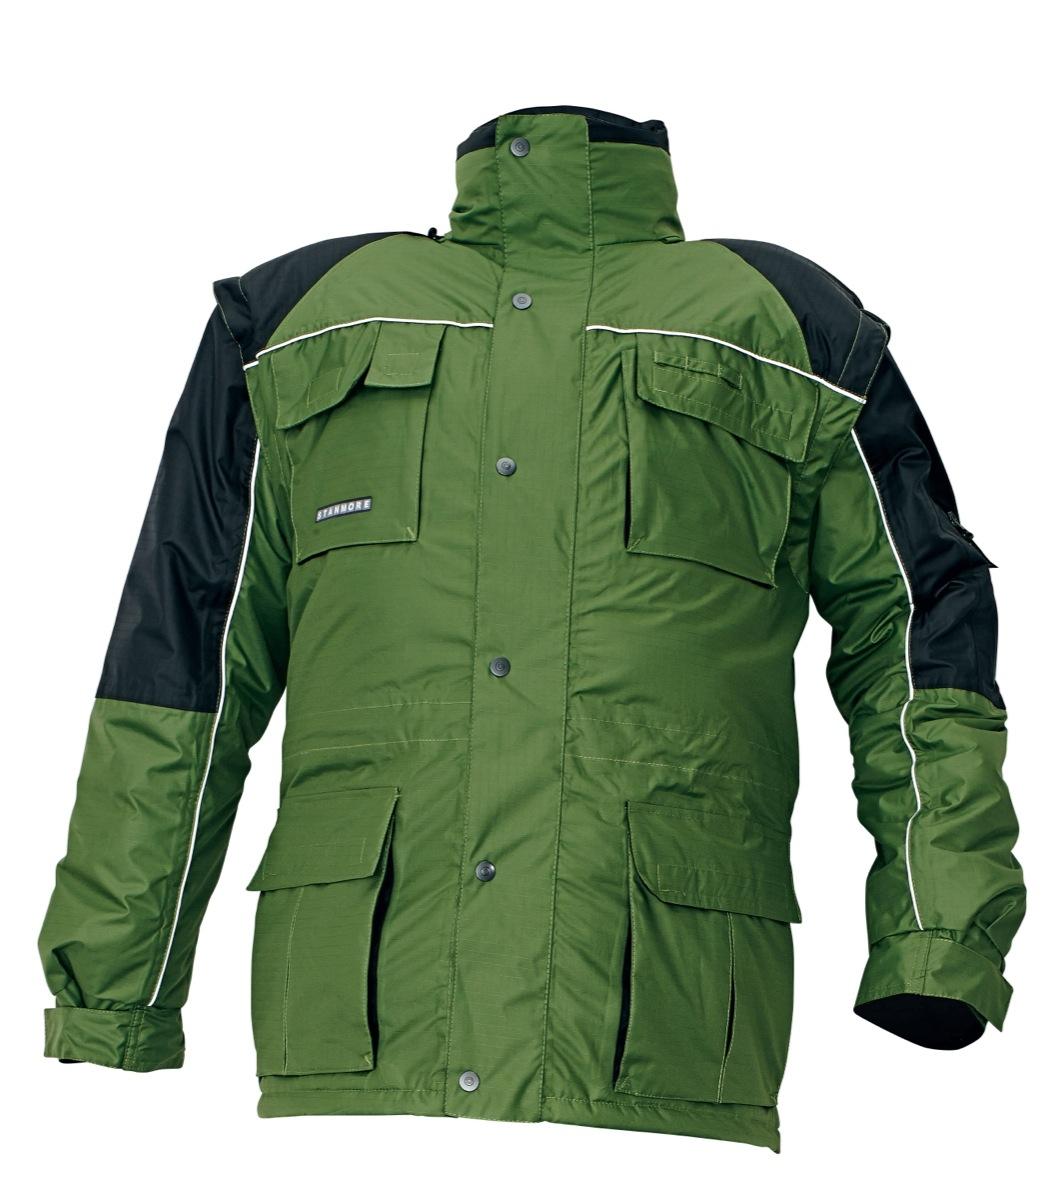 STANMORE téli dzseki 3 az 1-ben zöld